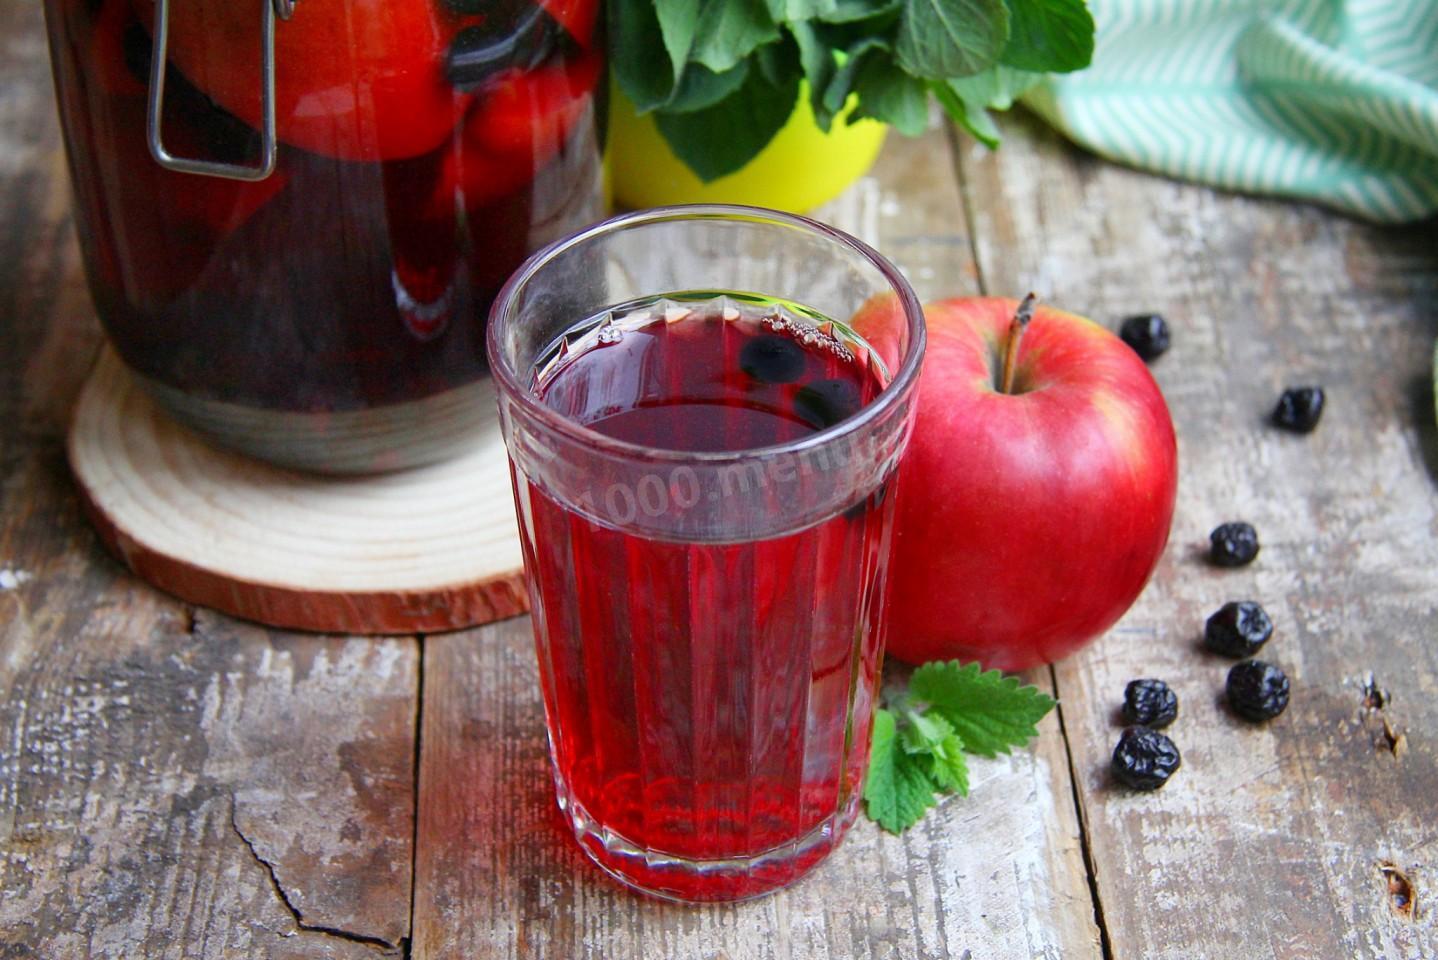 Компот из яблок и вишни: топ 5 рецептов на зиму, как приготовить с фото и видео